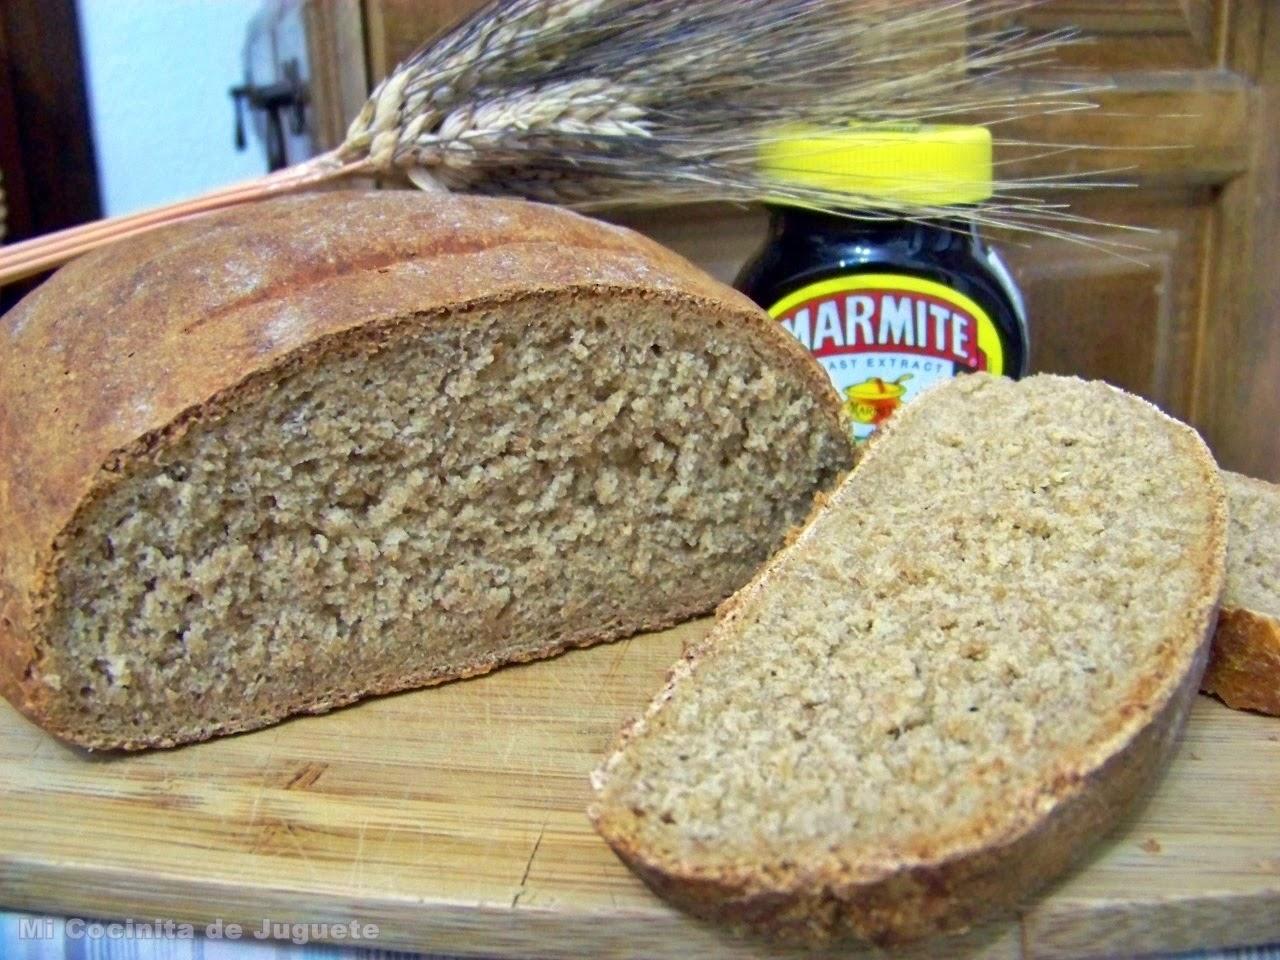 Pan de Centeno y Marmite